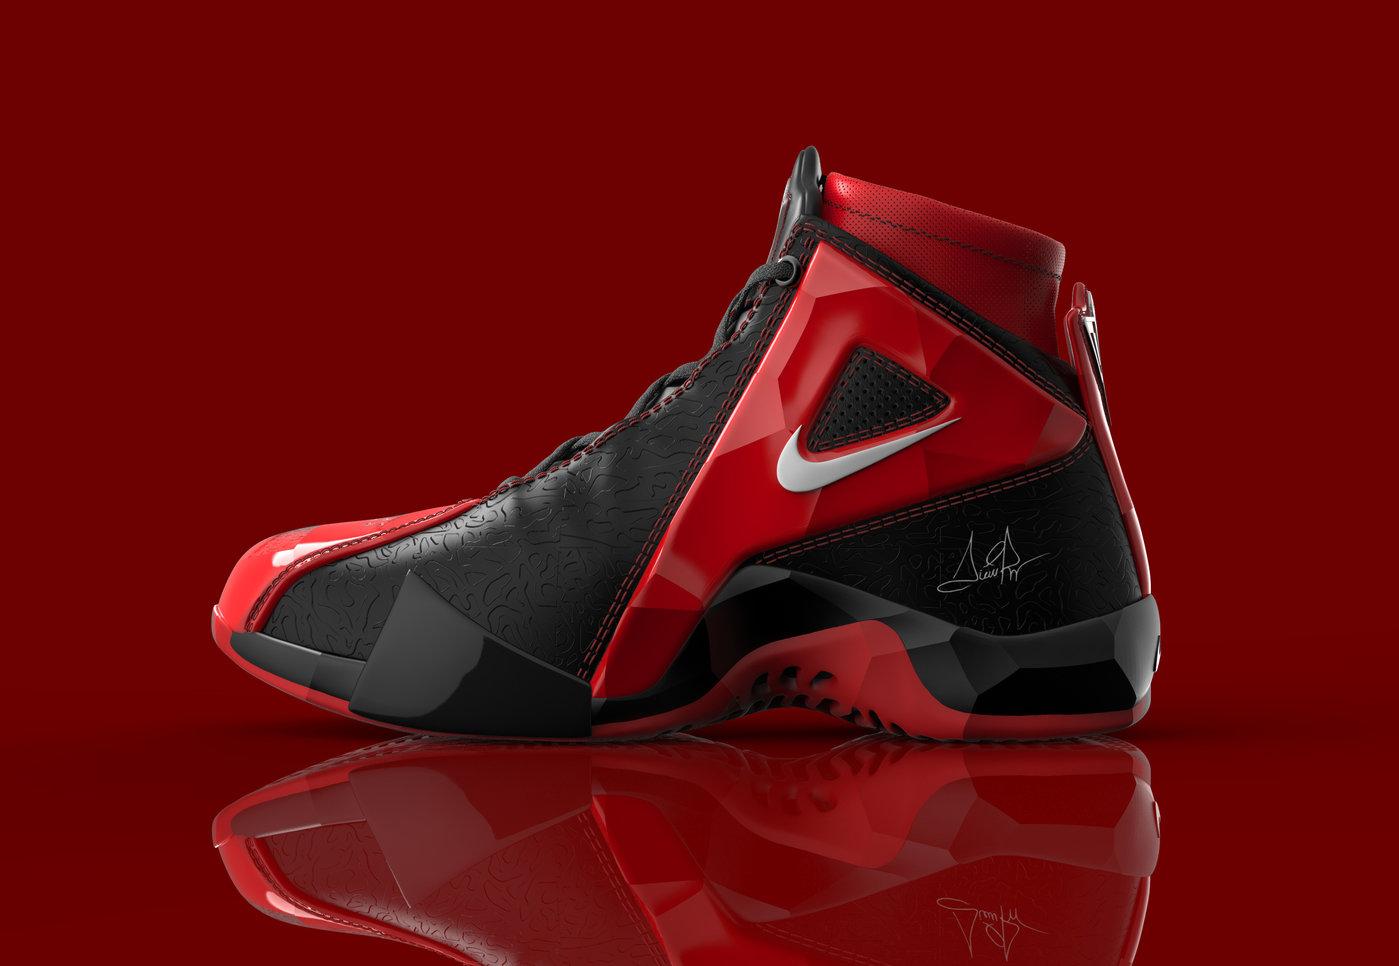 Scottie Pippen Nike Shoe by Tomislav